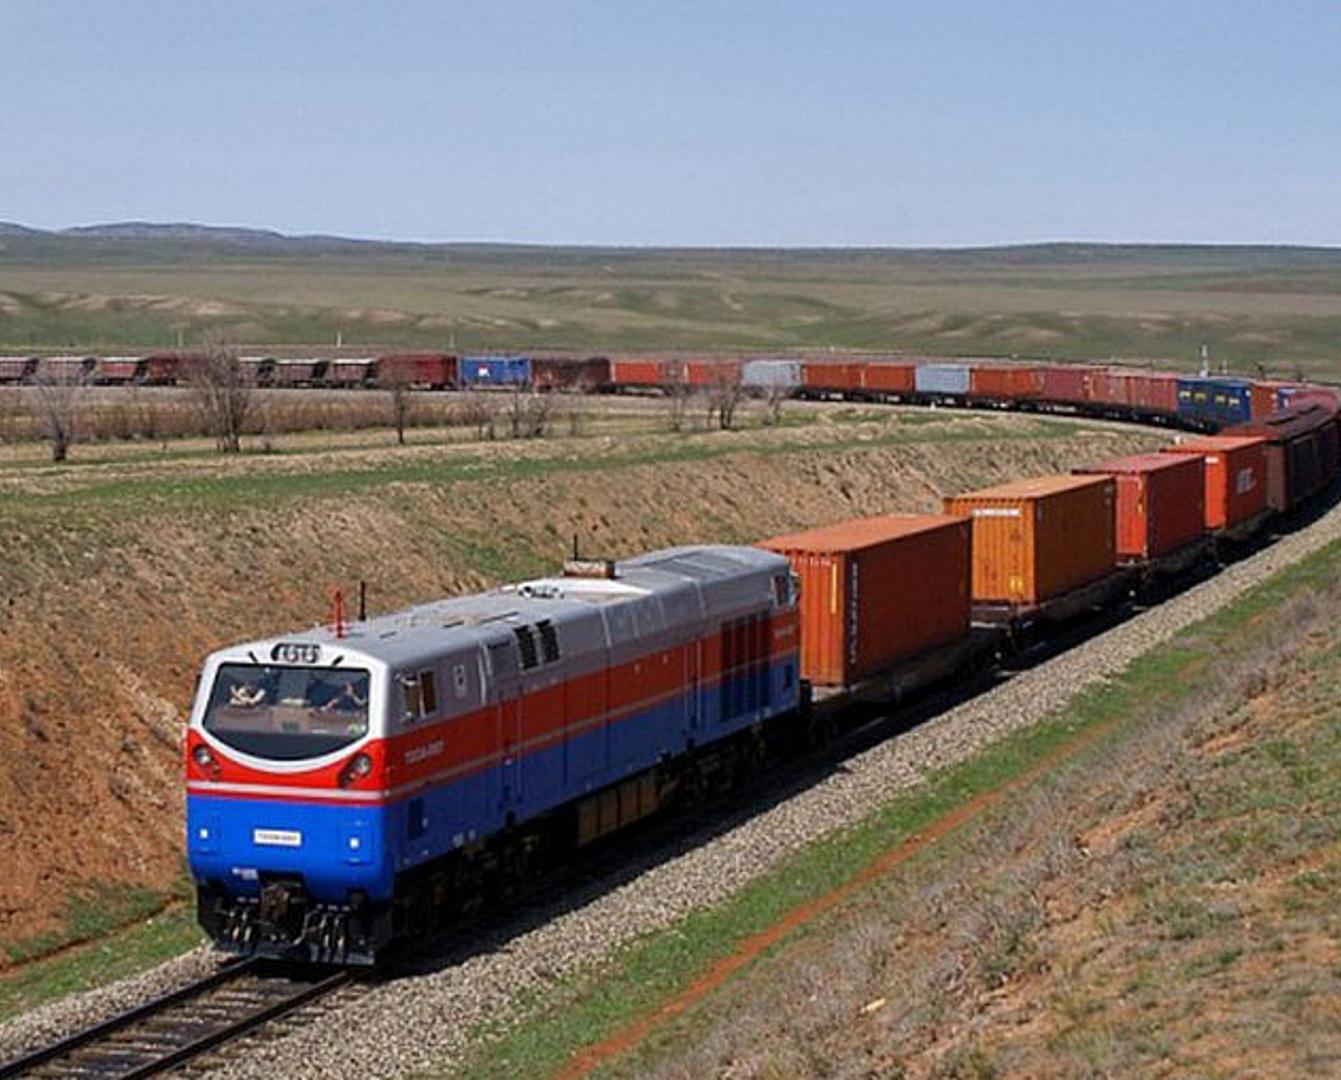 Грузооборот по ж/д маршруту Восточный Китай - Европа через Казахстан увеличился на 80%